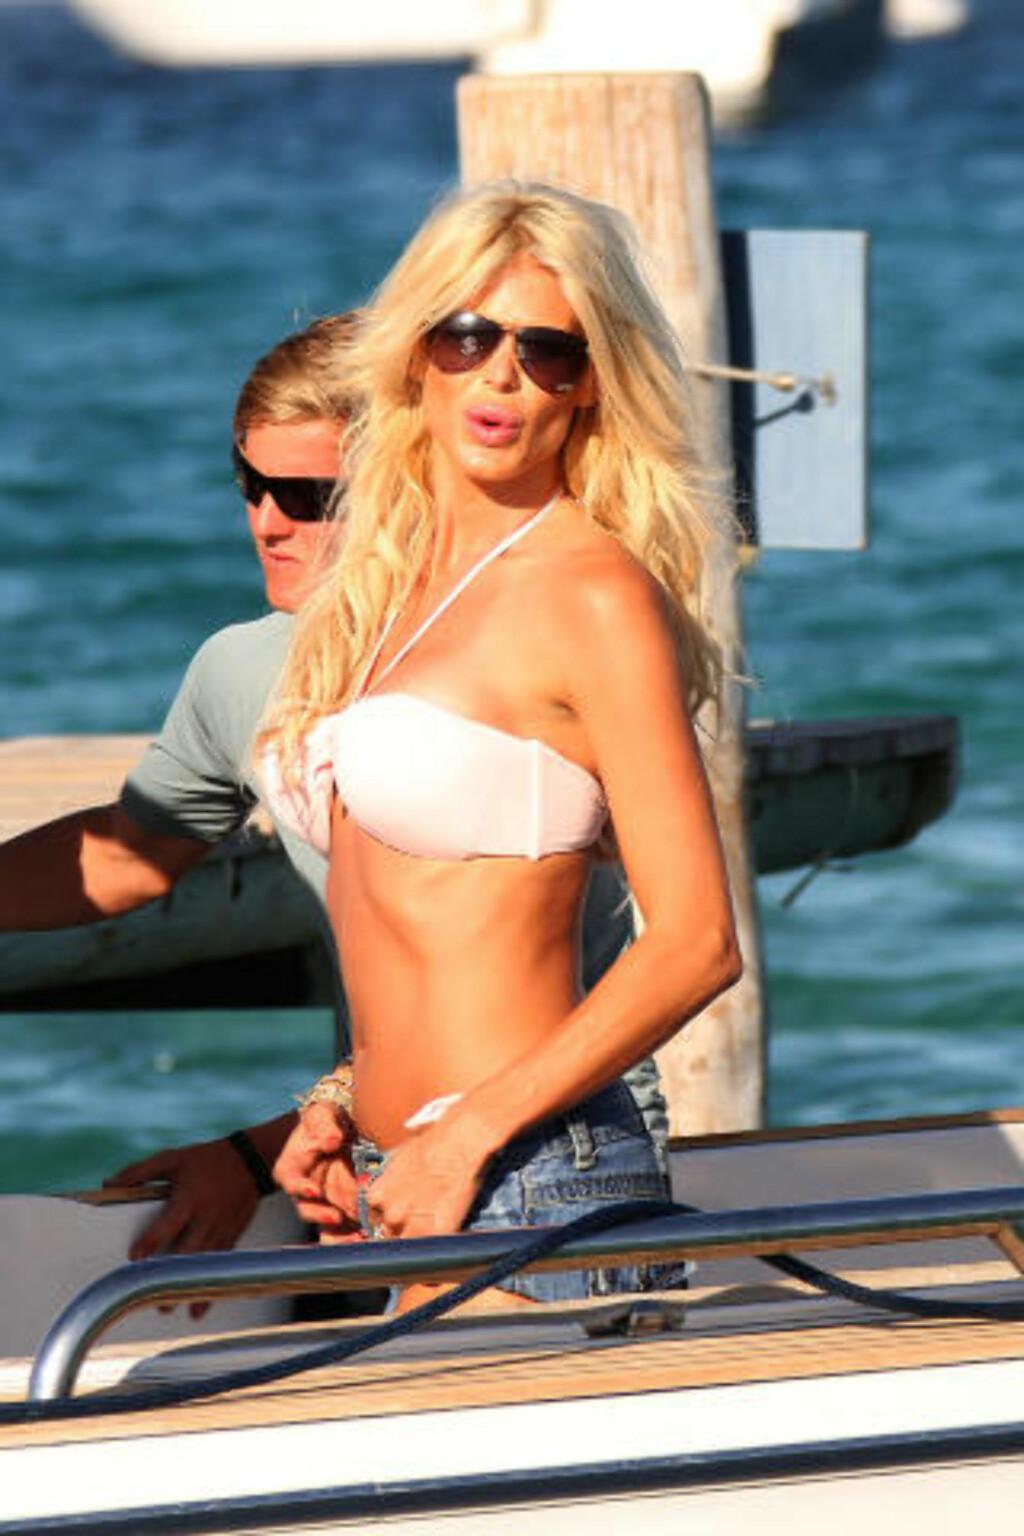 SLIKKER SOL: Den svenske modellen Victoria Silvstedt er en av mange kjendiser som tar turen til St. Tropez når hun skal feriere. Foto: Stella Pictures